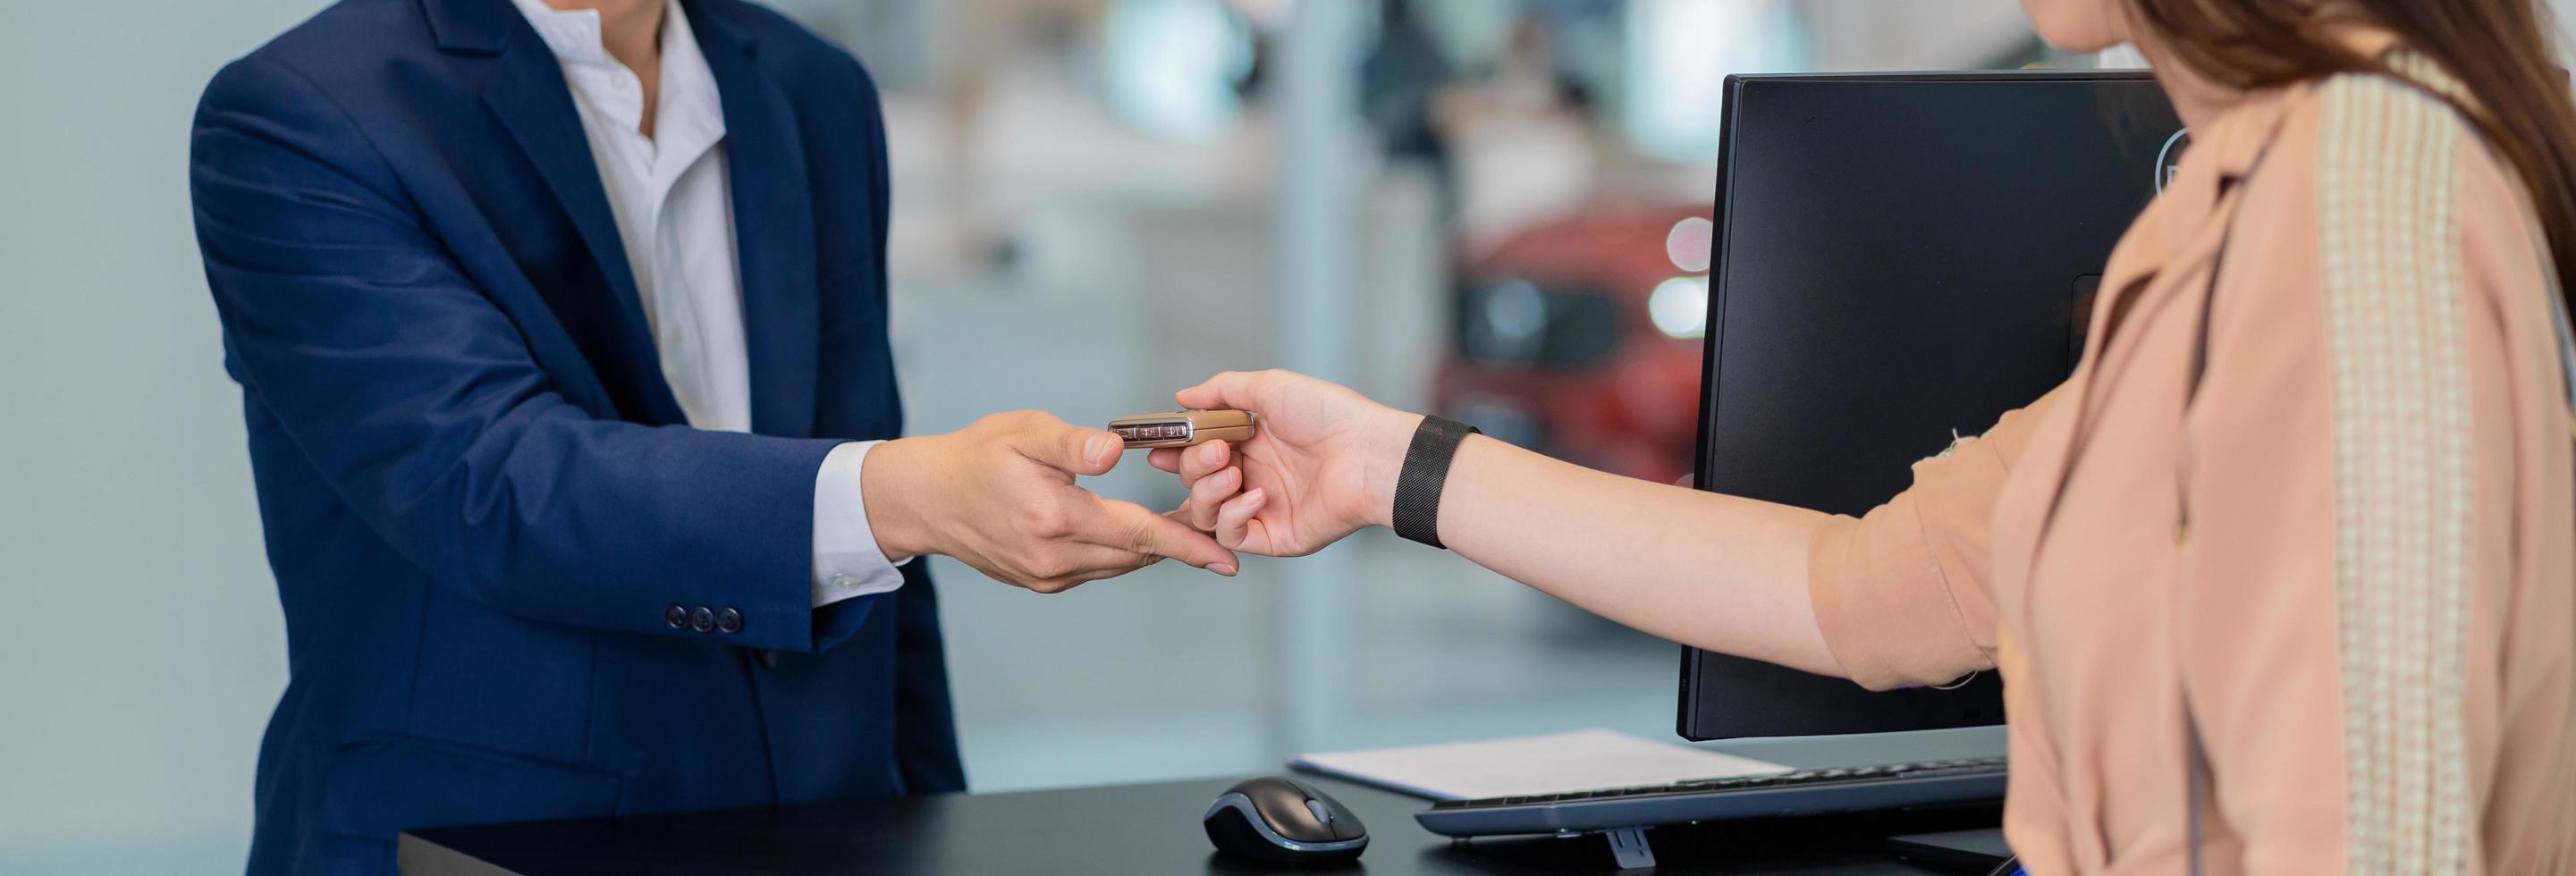 närbild av en asiatisk receptionist som överlämnar bilnycklar på bilhandlare foto